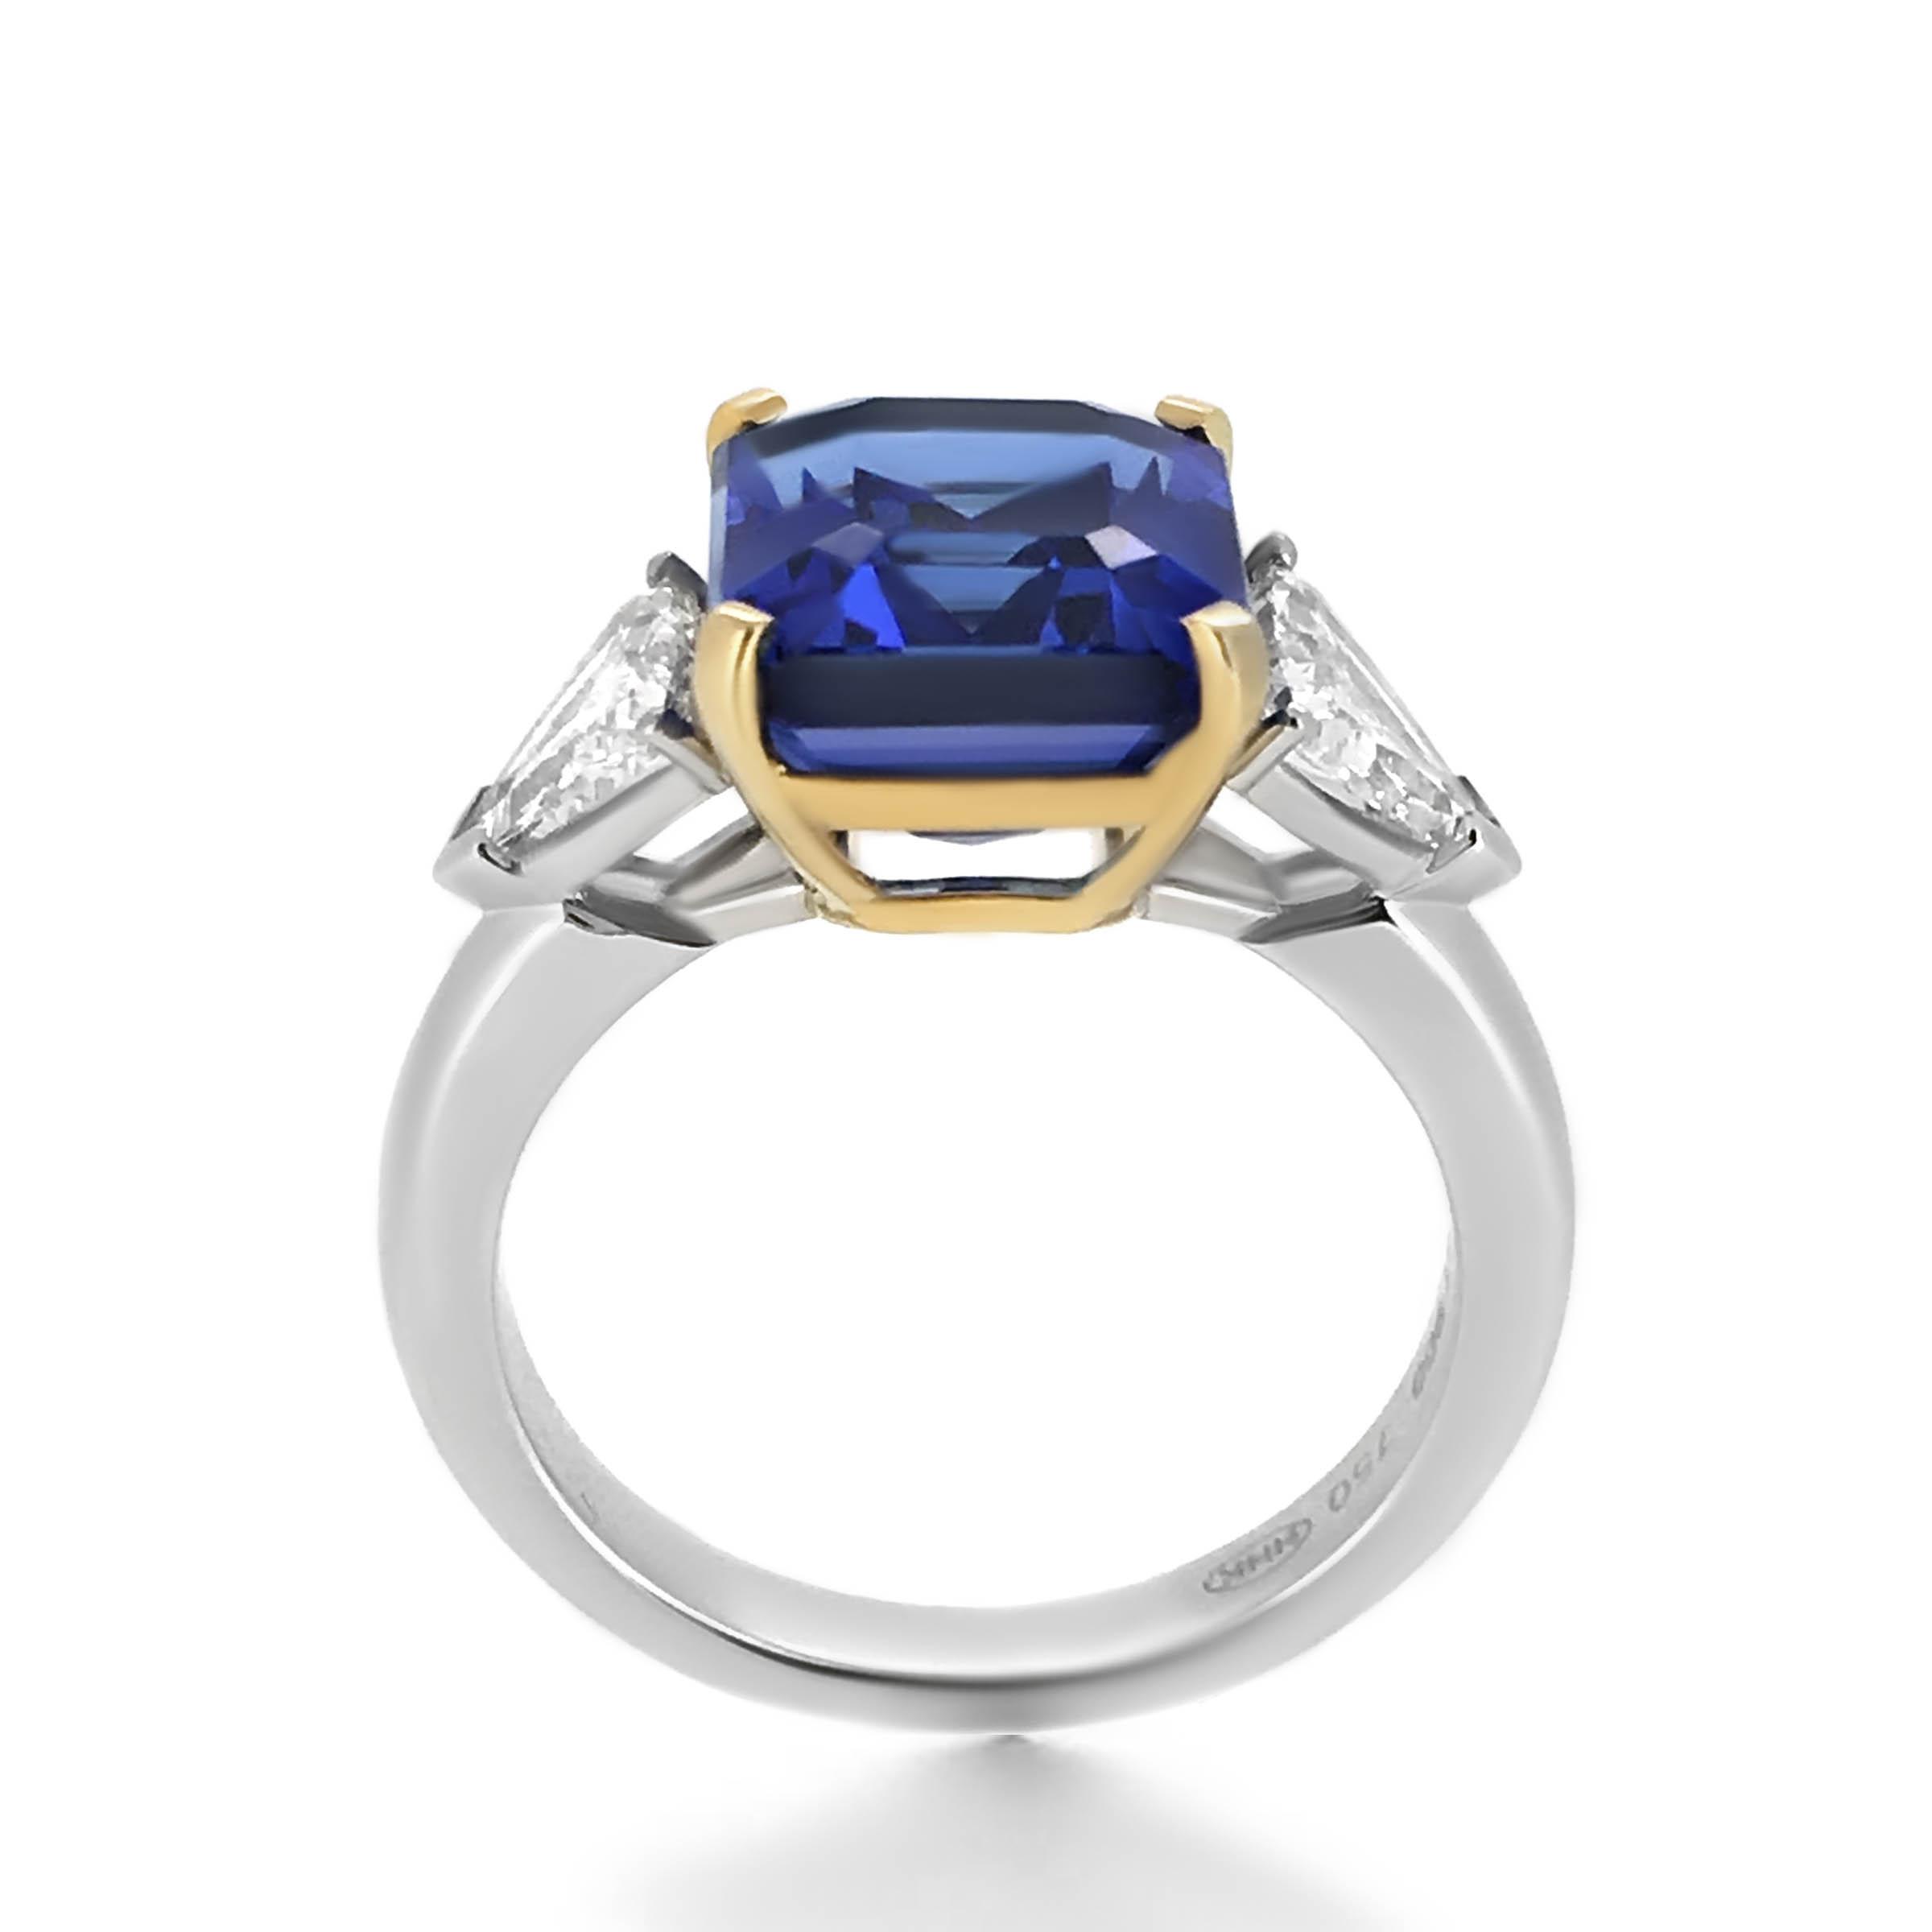 tanzanite and diamond ring- haywards of hong kong